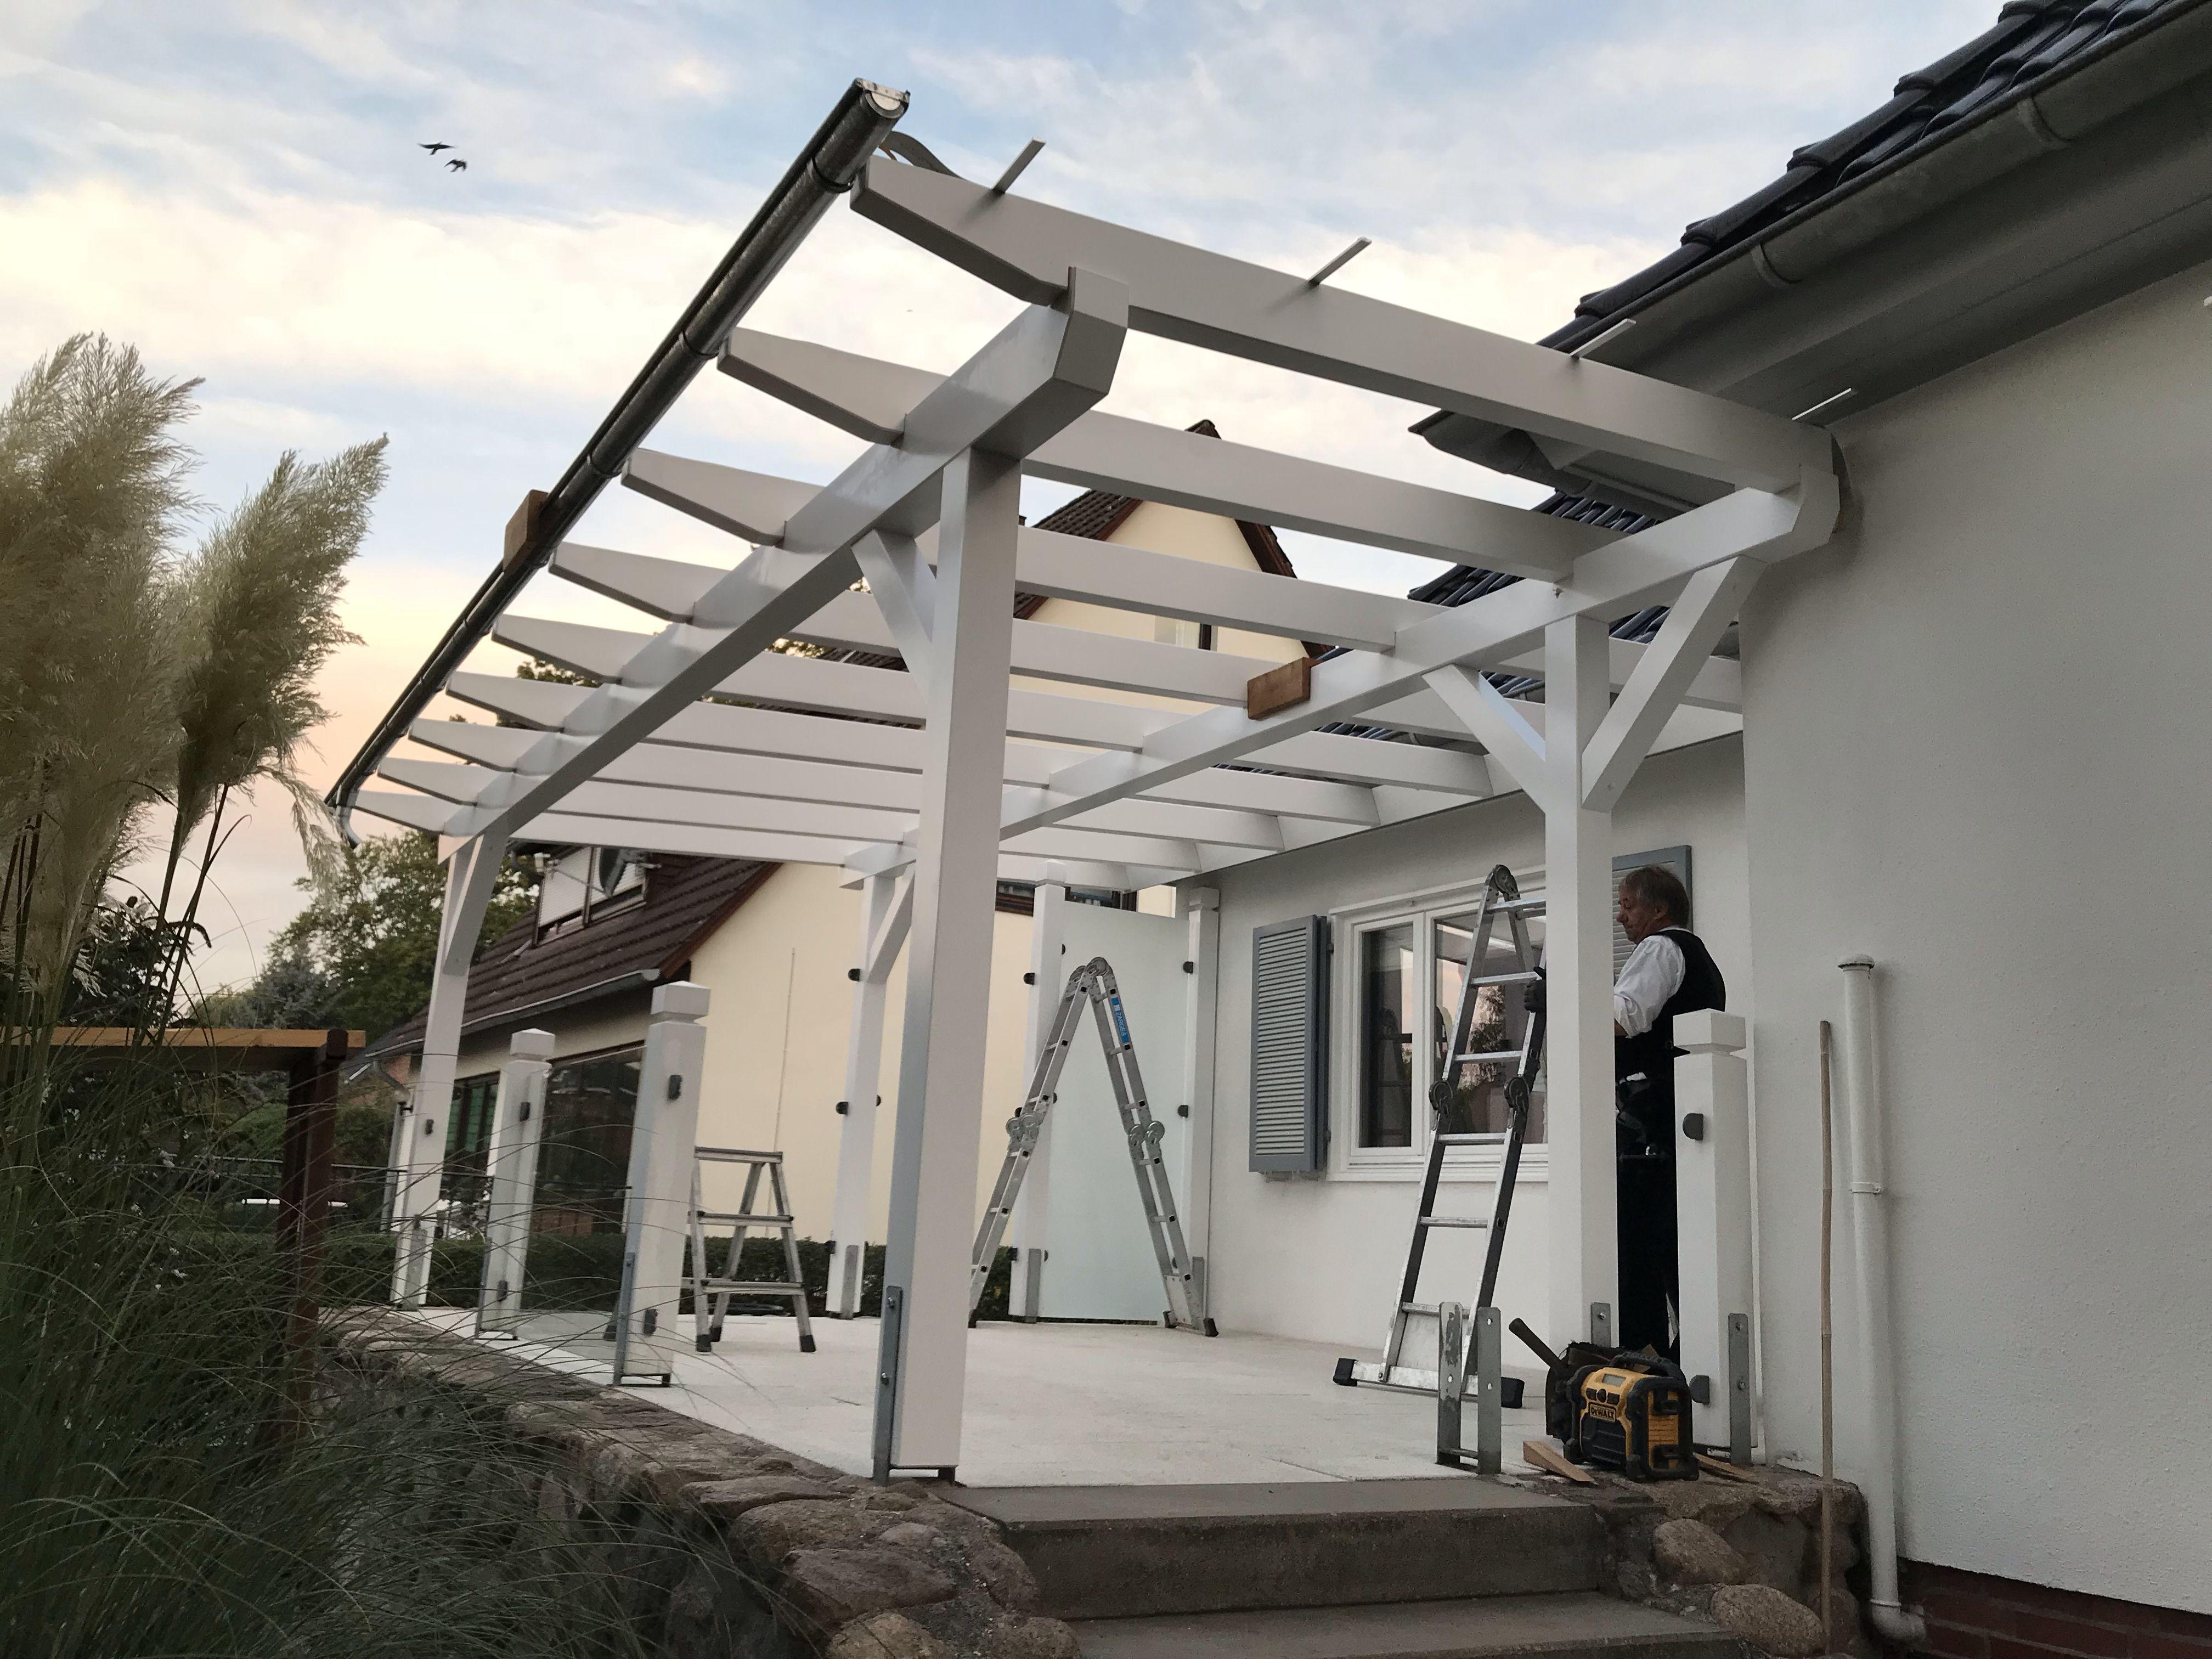 Terrassenüberdachung mit Glasdach aus weiß lackiertem Holz